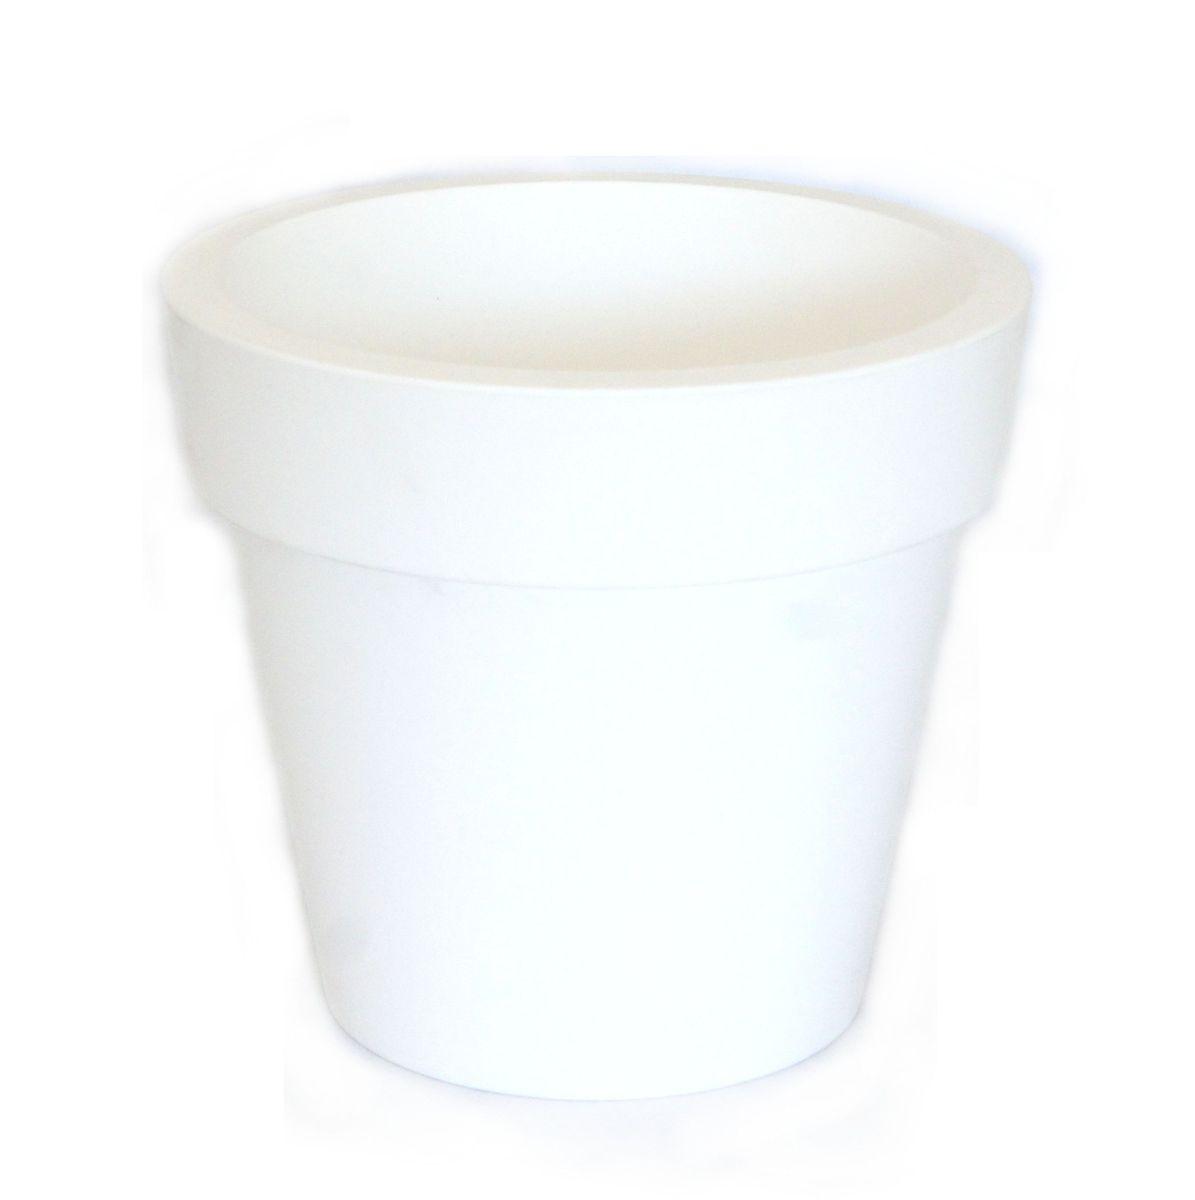 Кашпо JetPlast Порто, со вставкой, цвет: белый, 3,5 л4612754052721Кашпо Порто классической формы с внутренней вставкой-горшком. Дренажная вставка позволяет легко поливать растения без использования дополнительного поддона. Вместительный объем кашпо позволяет высаживать самые разнообразные растения, а съемная вставка избавит вас от грязи и подчеркнет красоту цветка. Оно изготовлено из прочного полипропилена (пластика). Объем кашпо: 3,5 л.Высота кашпо: 18 см.Диаметр по верхнему краю: 20 см.